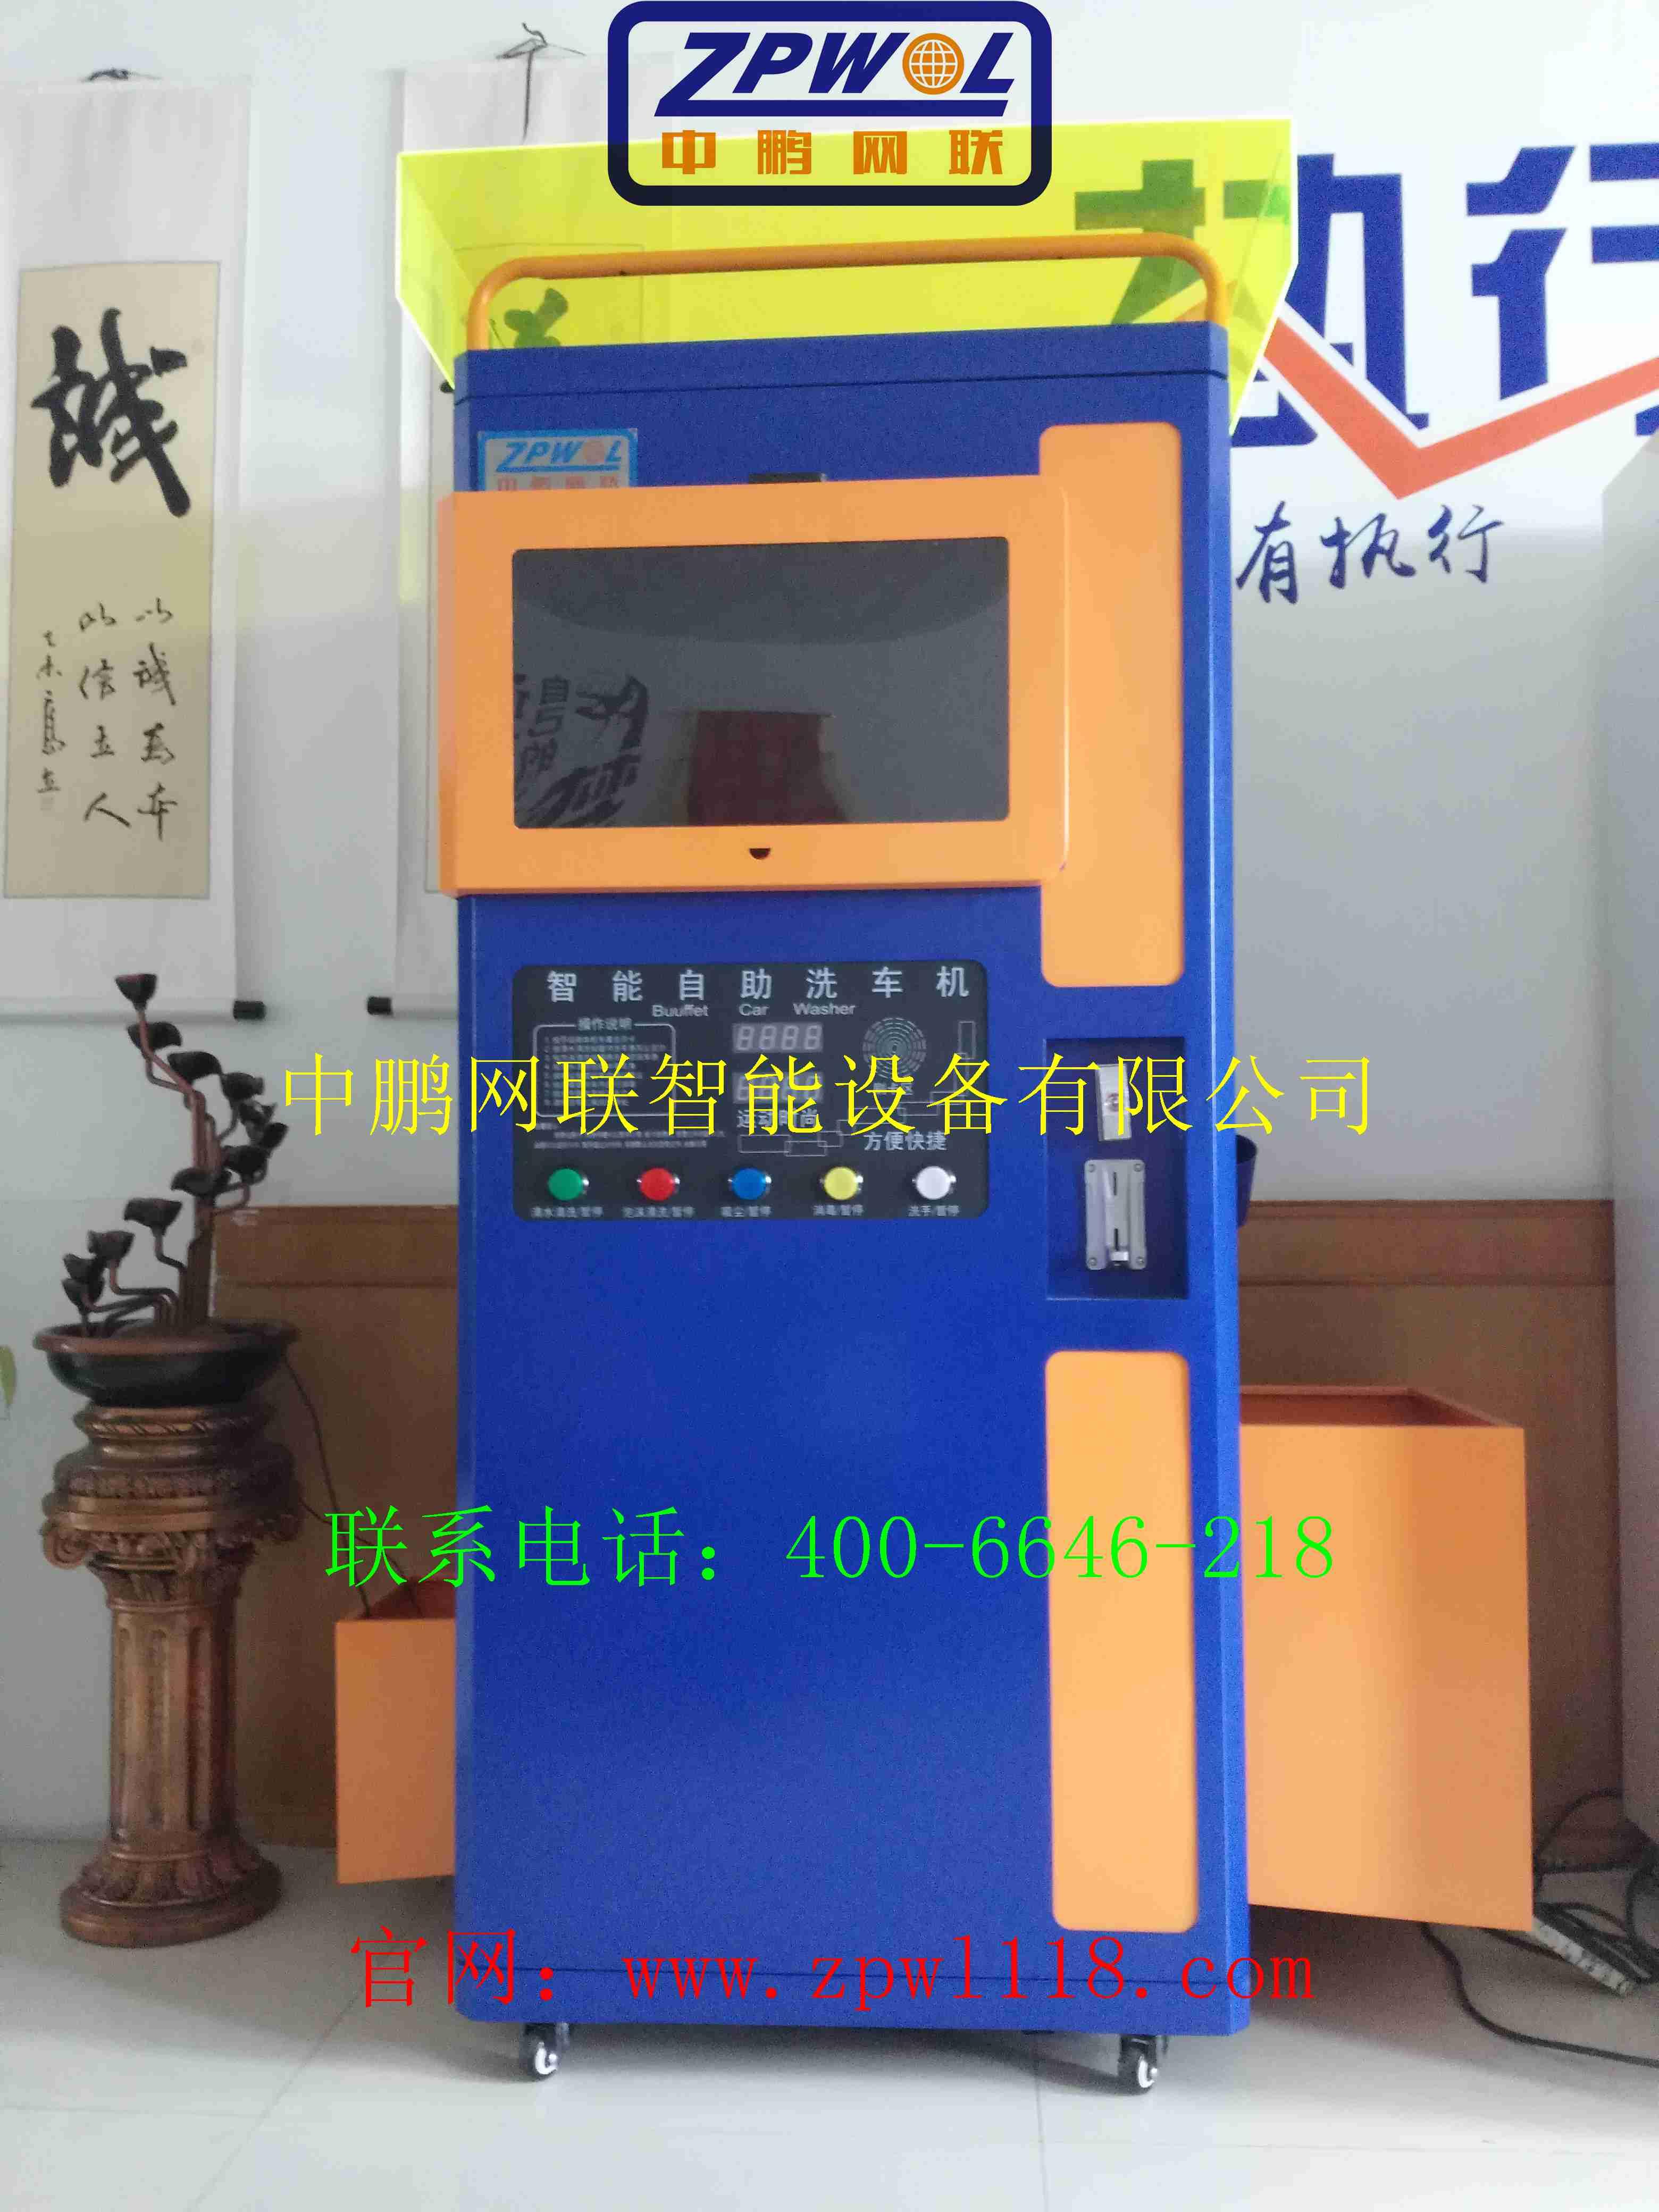 广东深圳!自助洗车机价格 - 中国供应商